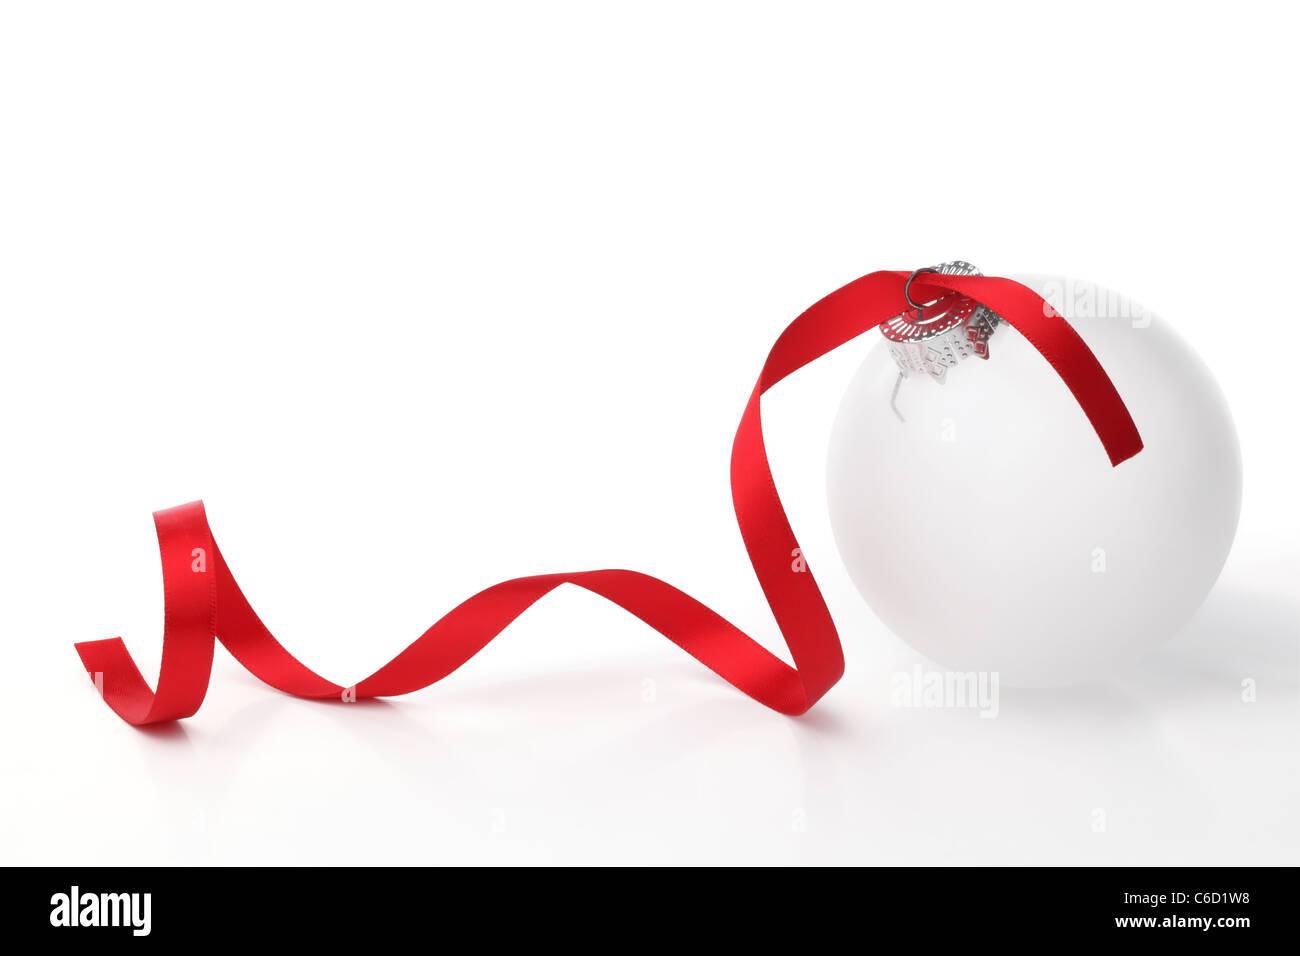 Bola de Navidad con cinta blanca sobre fondo blanco. Imagen De Stock